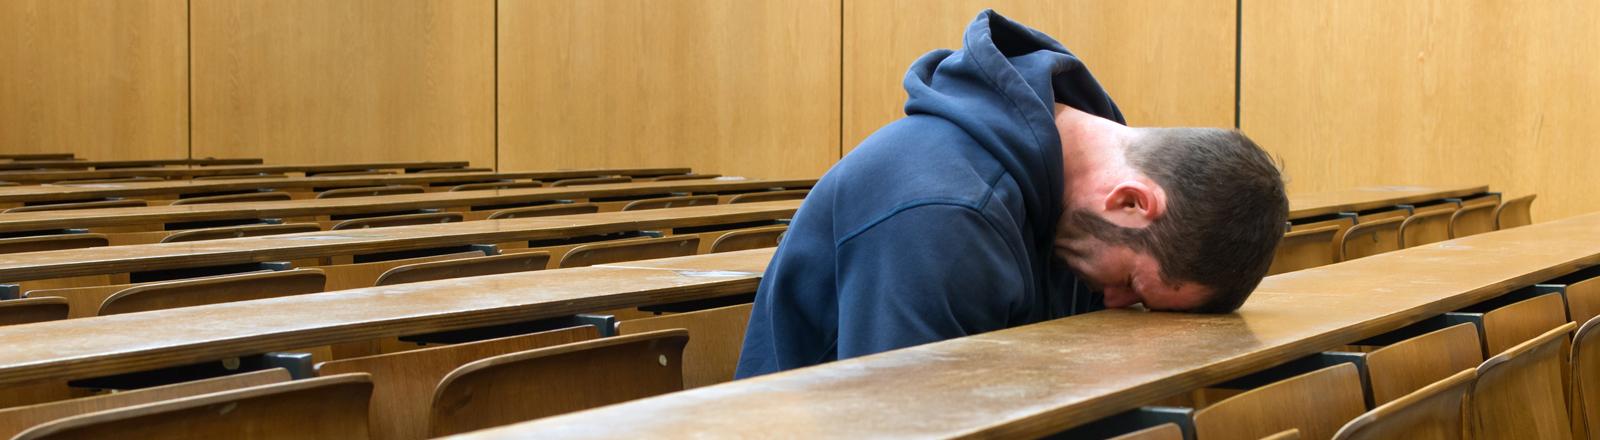 Ein junger Mann sitzt verzweifelt in einem Hörsaal.